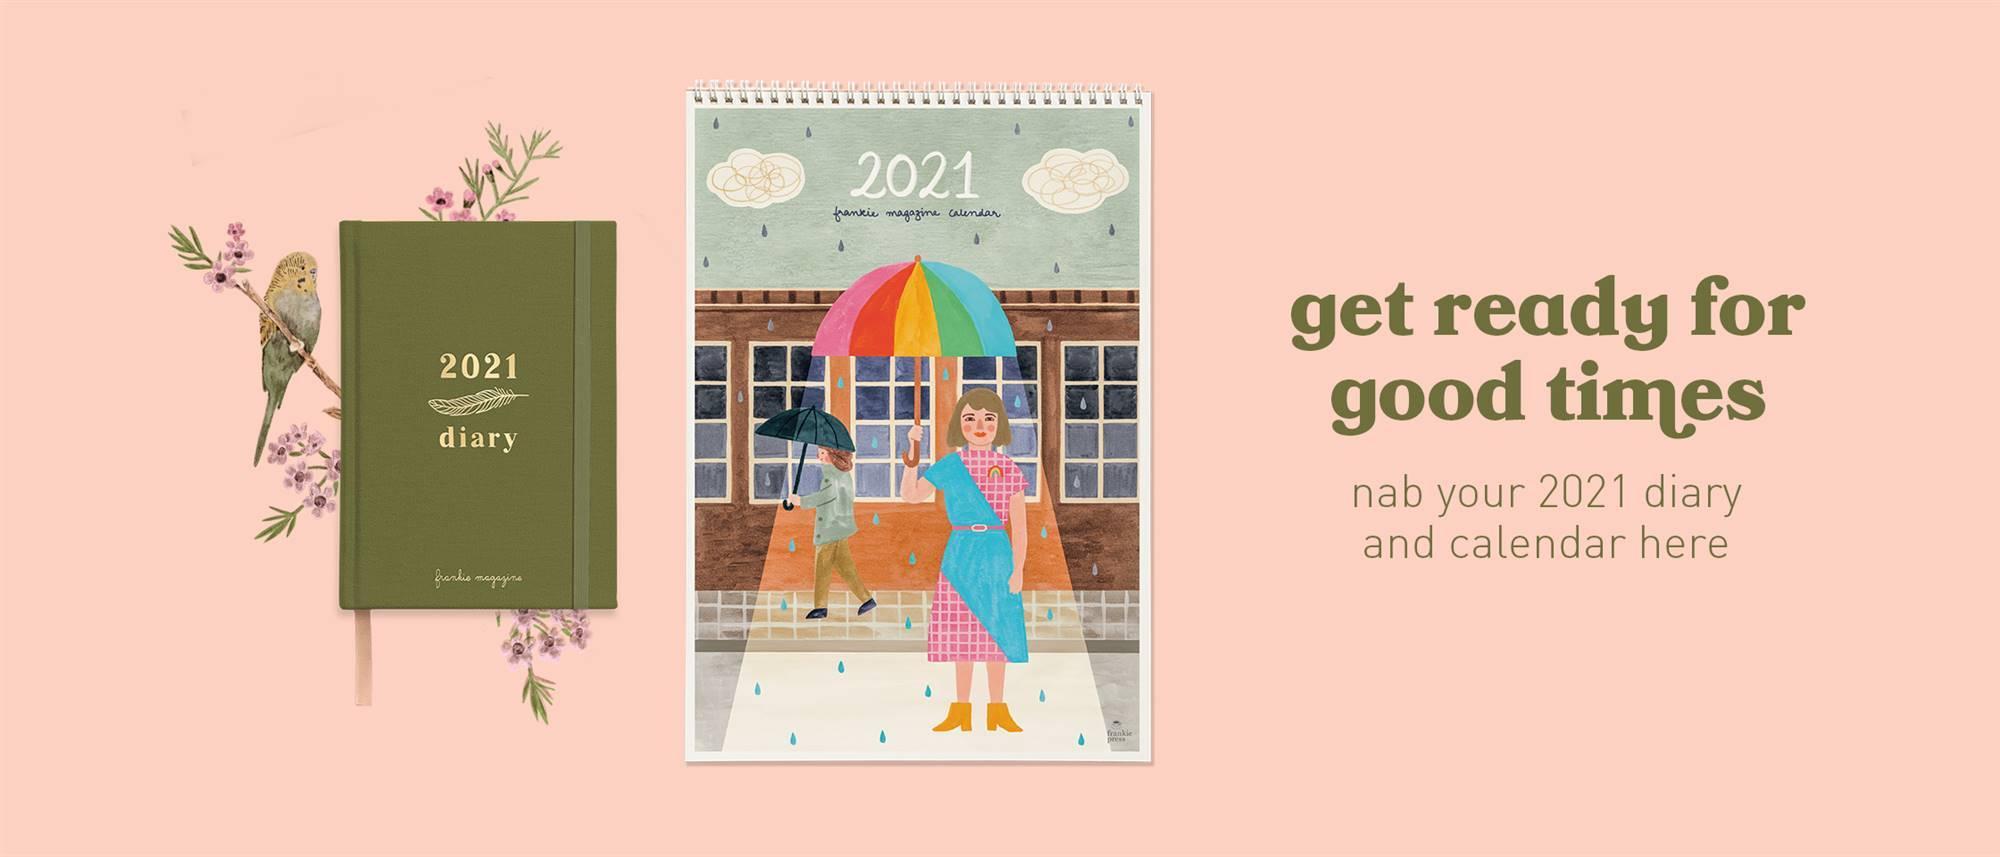 diary and calendar on sale